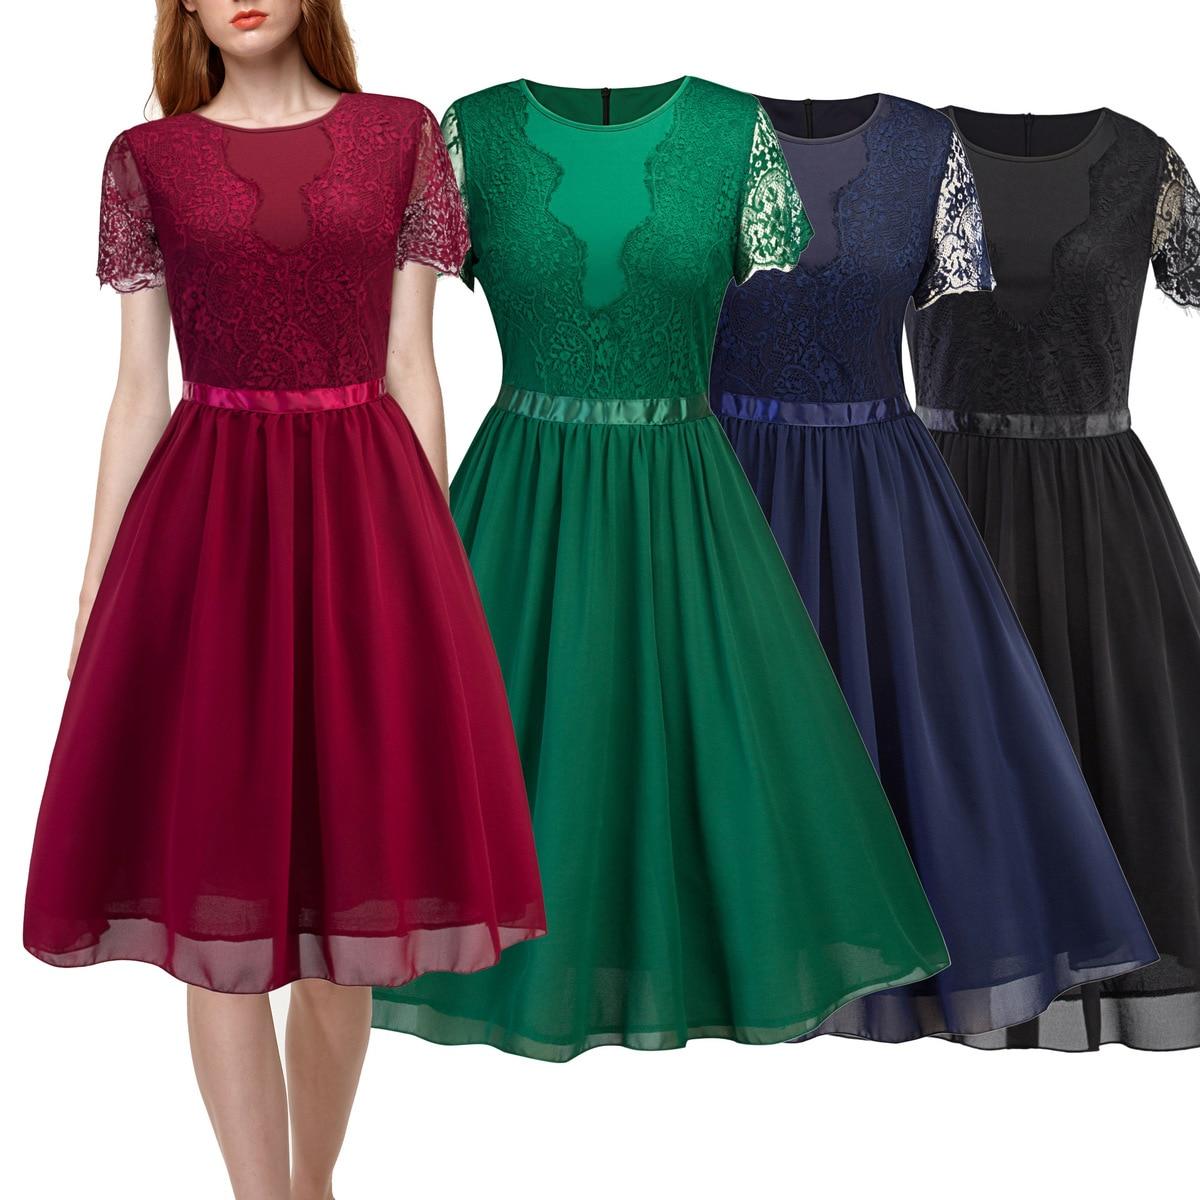 a653864d7f41 Однотонные коктейльные платья 2019 с короткими рукавами и круглым вырезом  из ...